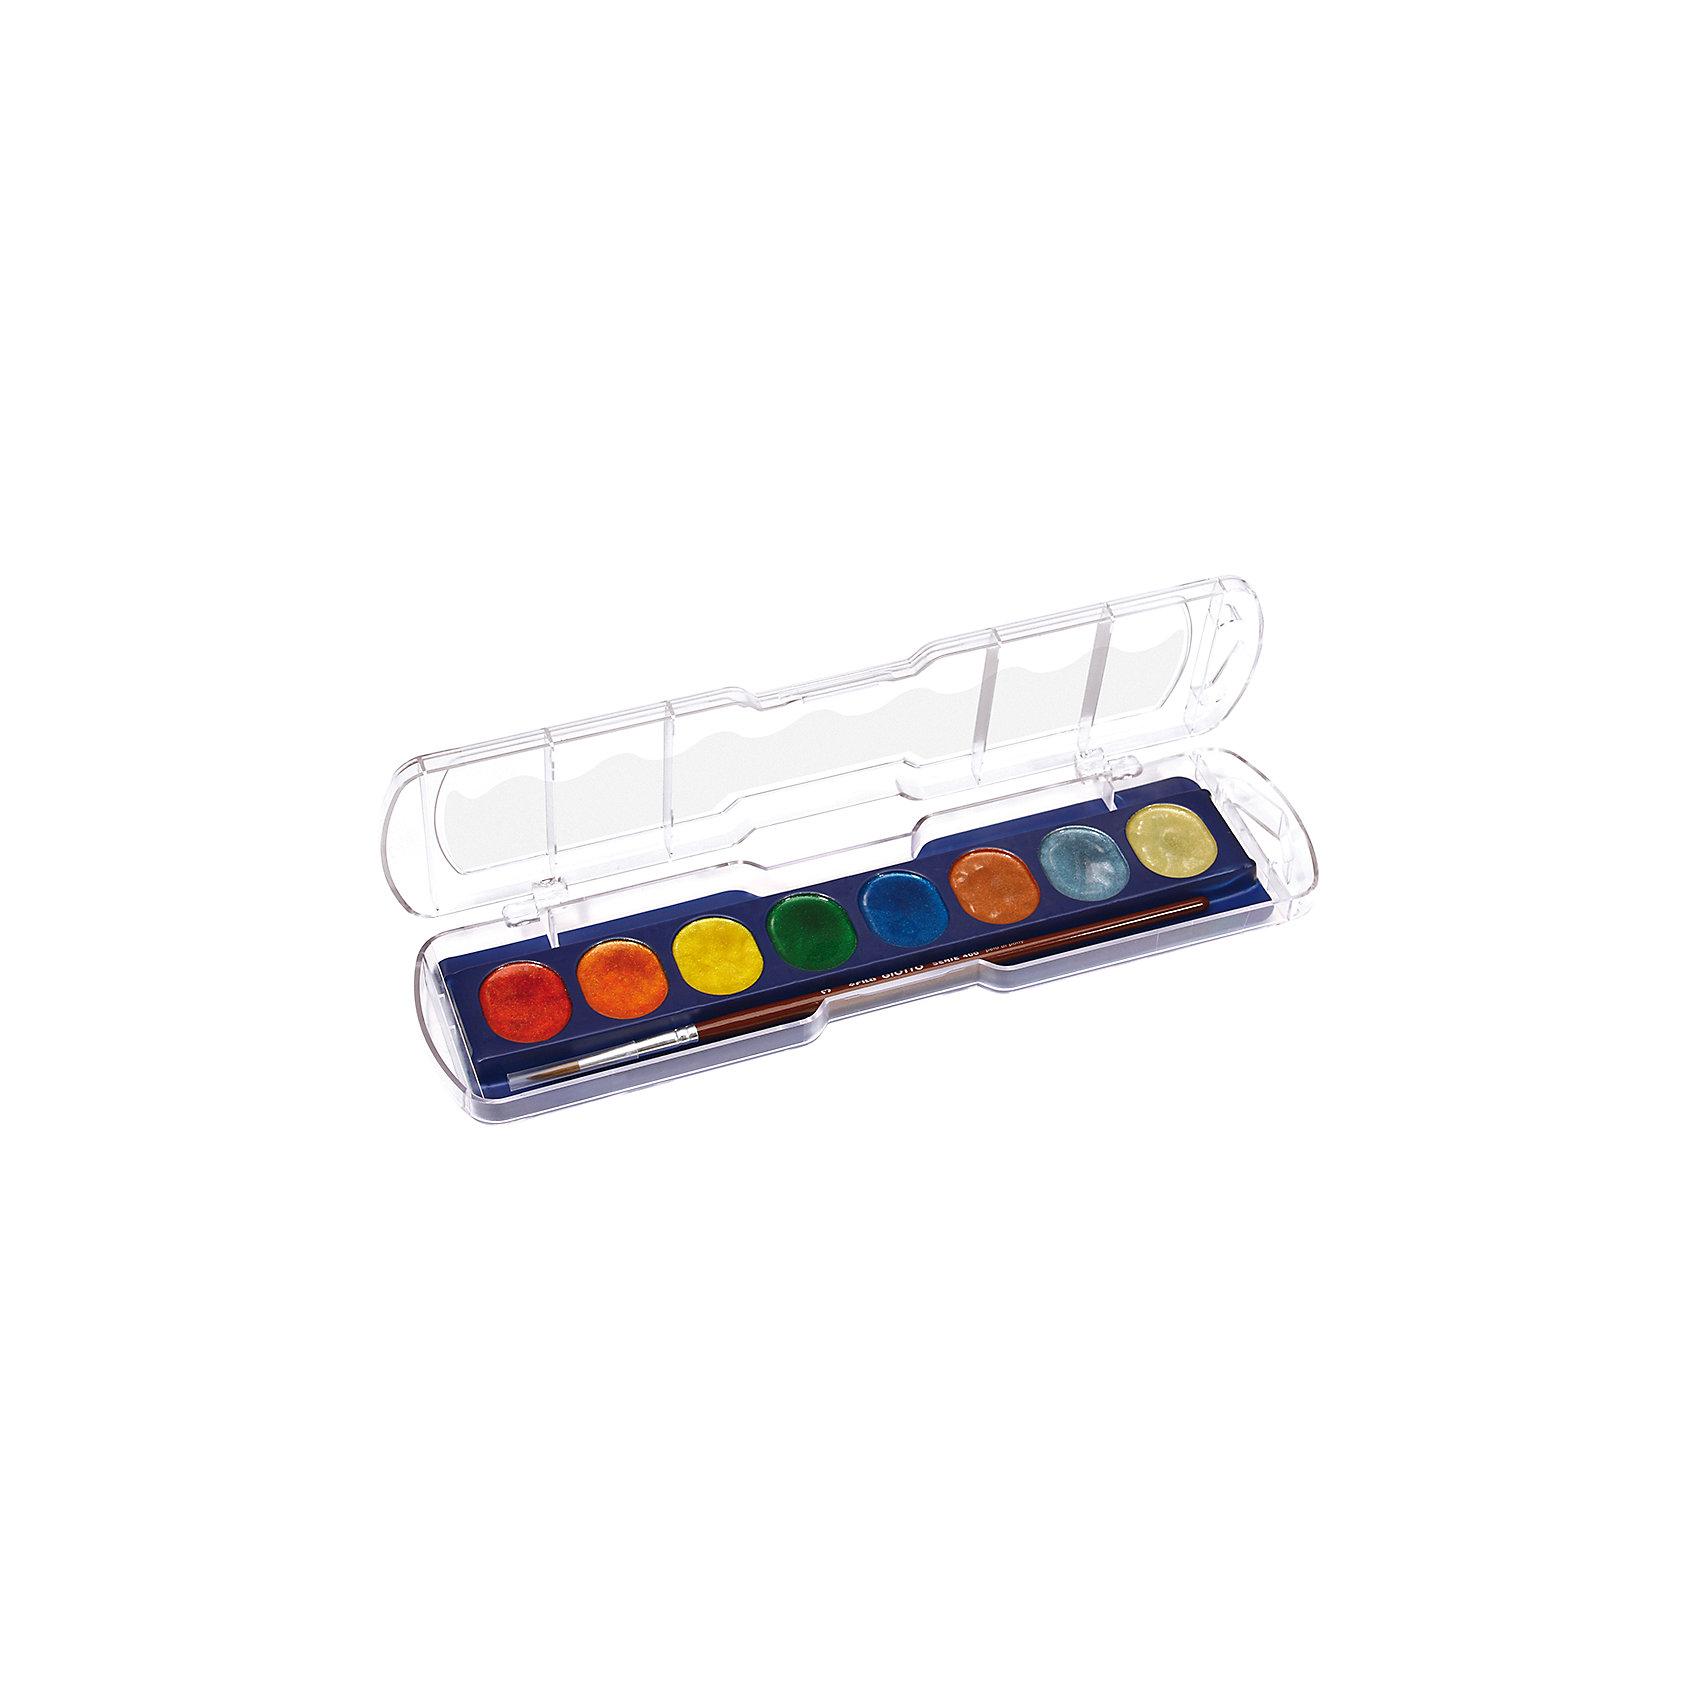 Акварель с металлическим эффектом, 8 цветов.Акварель с металлическим эффектом, 8 цв. Создает эффект мерцания на поверхности бумаге, при высыхании эффект сохраняется. Цвета смешиваются друг с другом и идеально размываются водой. Подходит для творческих и декоративных работ. В наборе с кистью.<br><br>Ширина мм: 65<br>Глубина мм: 18<br>Высота мм: 230<br>Вес г: 102<br>Возраст от месяцев: 72<br>Возраст до месяцев: 120<br>Пол: Унисекс<br>Возраст: Детский<br>SKU: 5107815